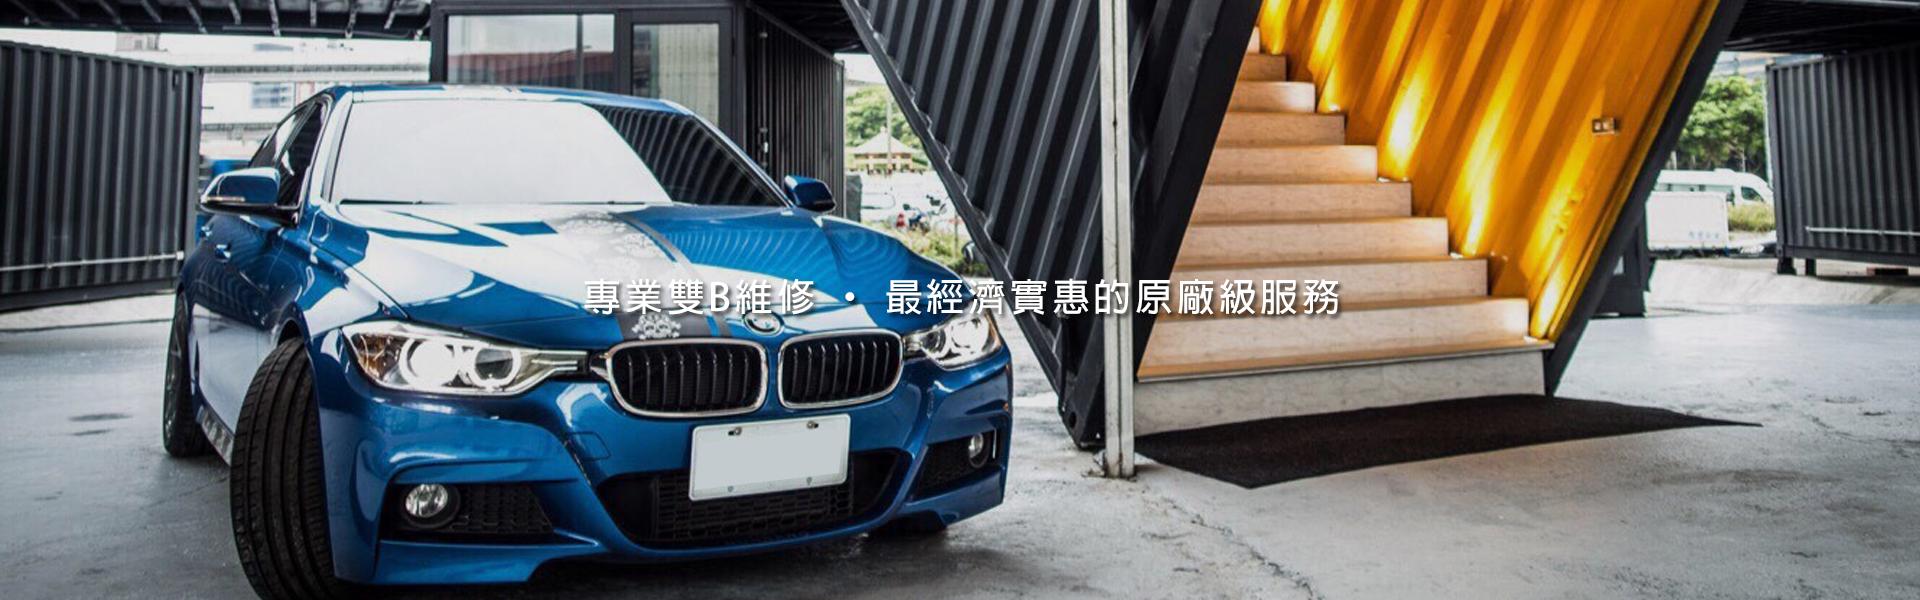 台北未來工場-(BMW維修,BENZ維修,內湖修車,修雙B,清積碳)